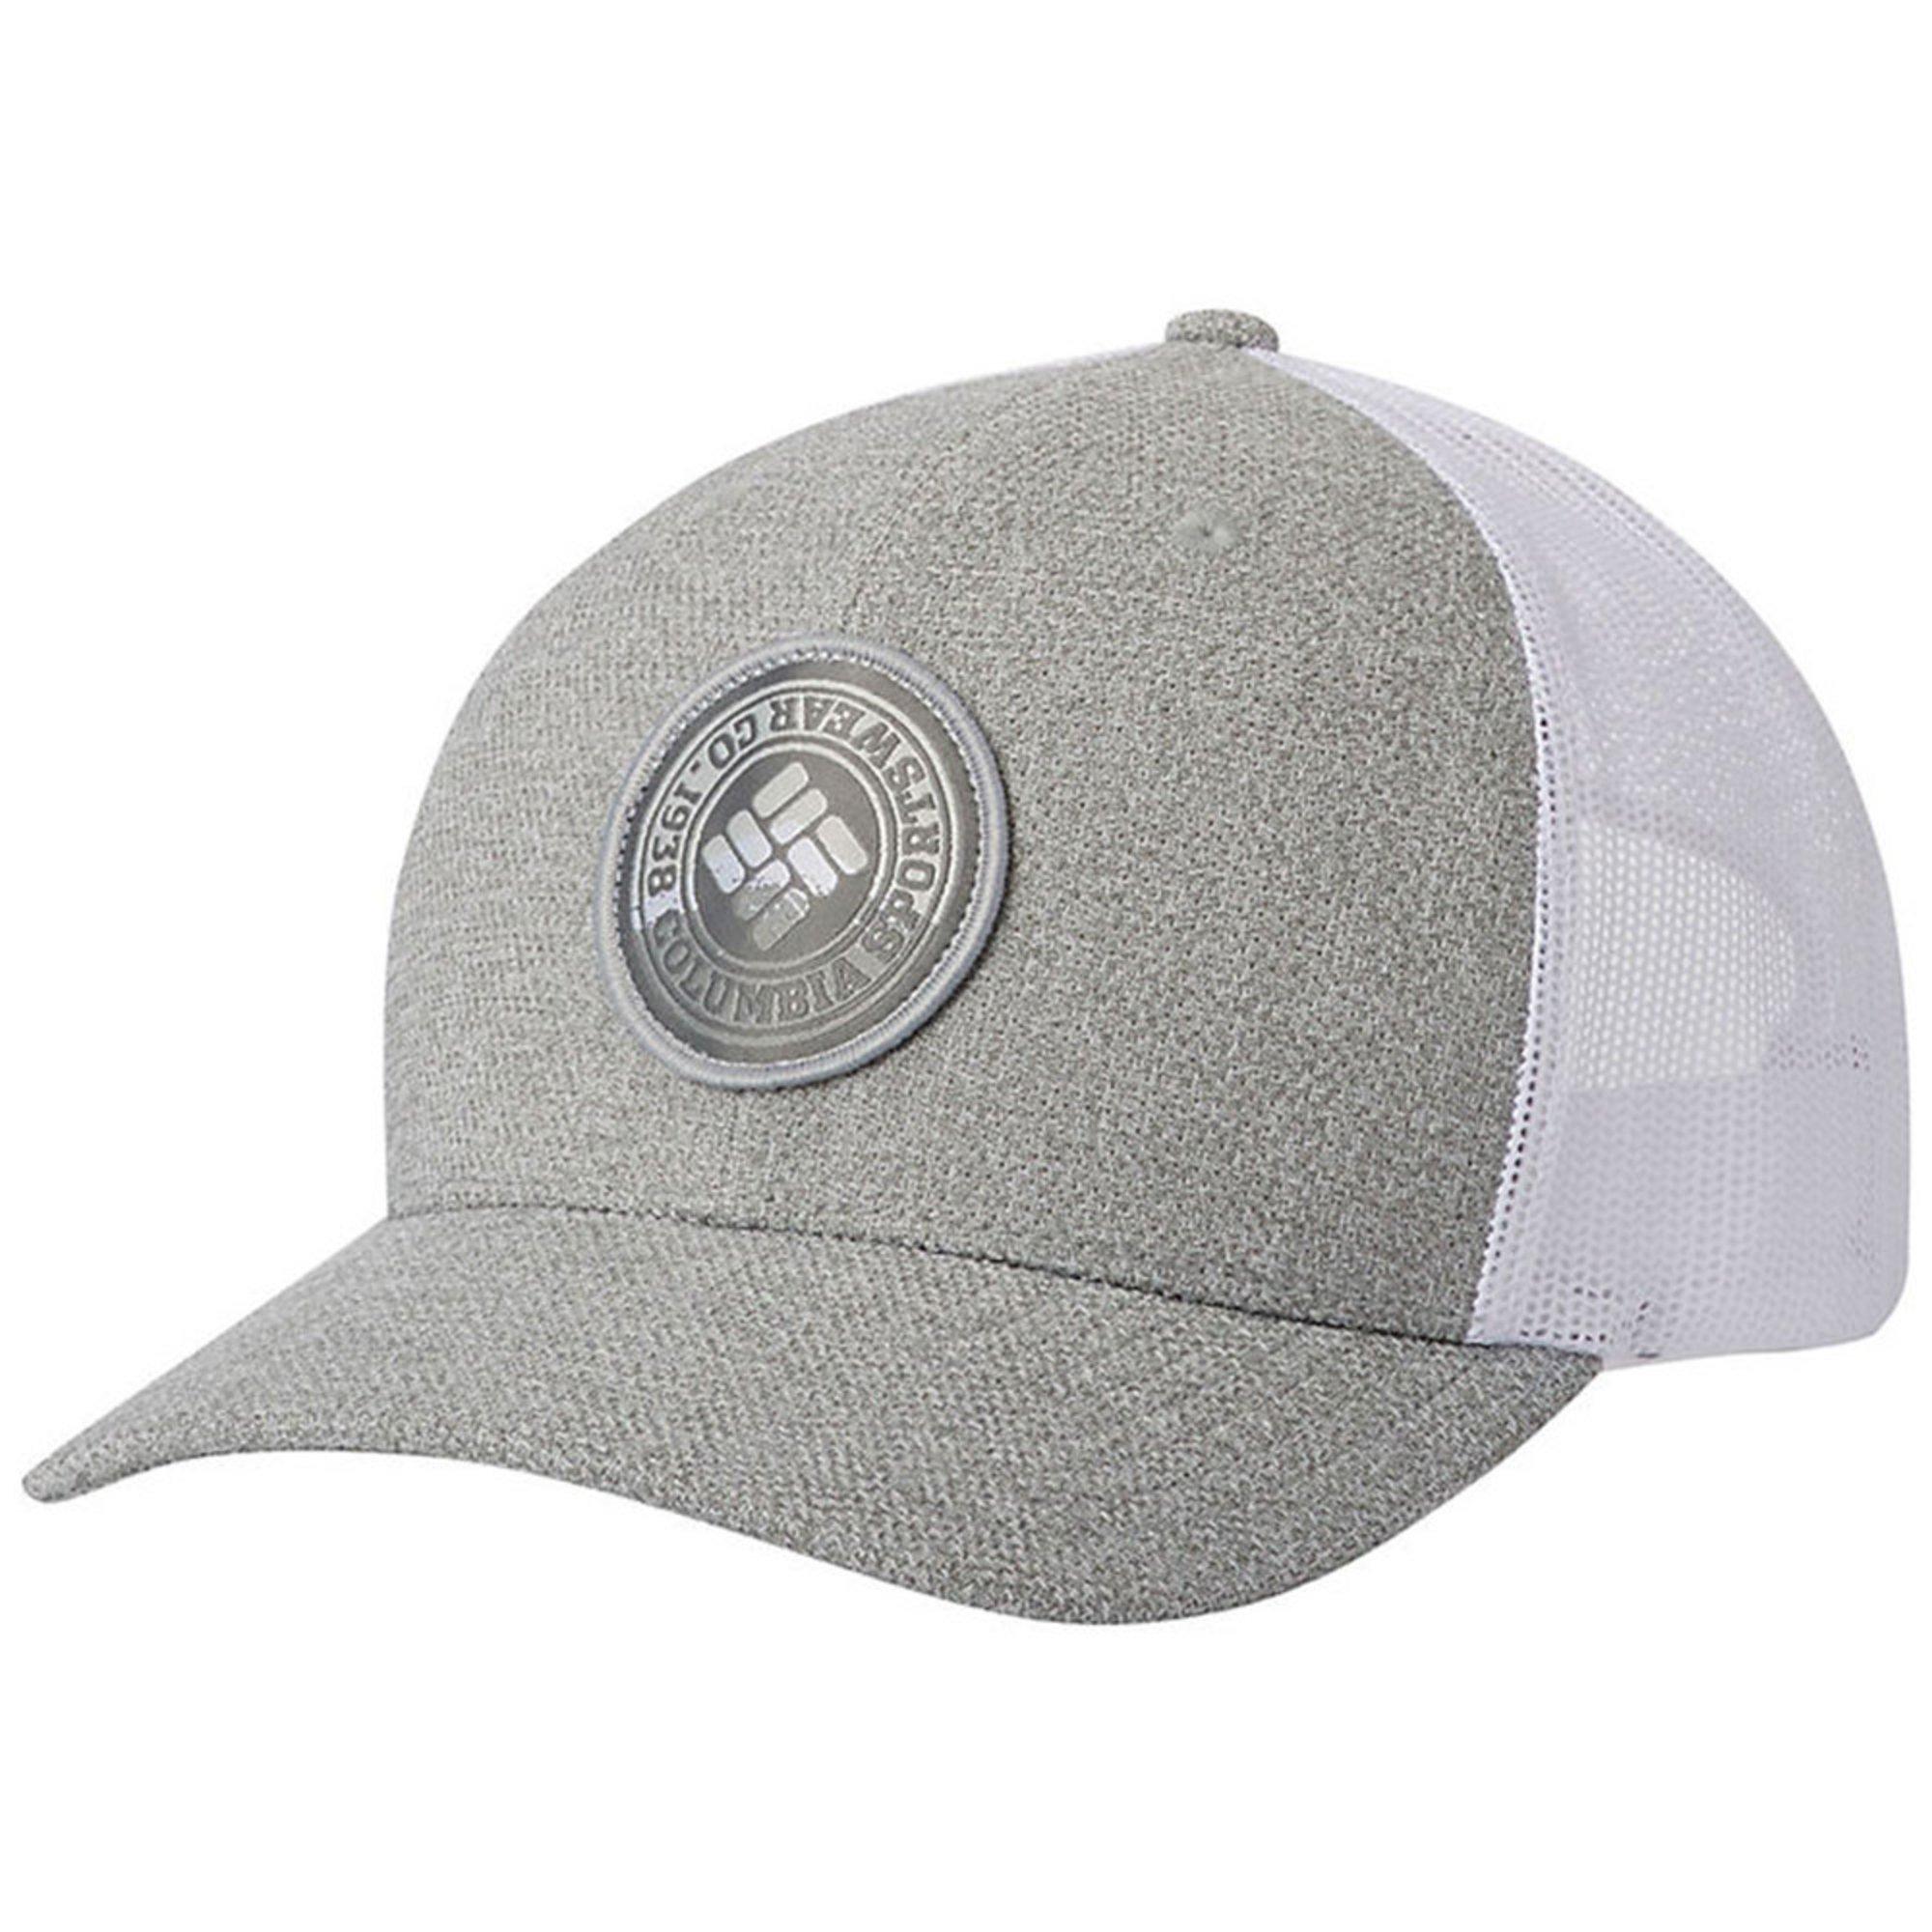 f723ec061e990 Columbia. Columbia Men s Mesh Snapback Hat